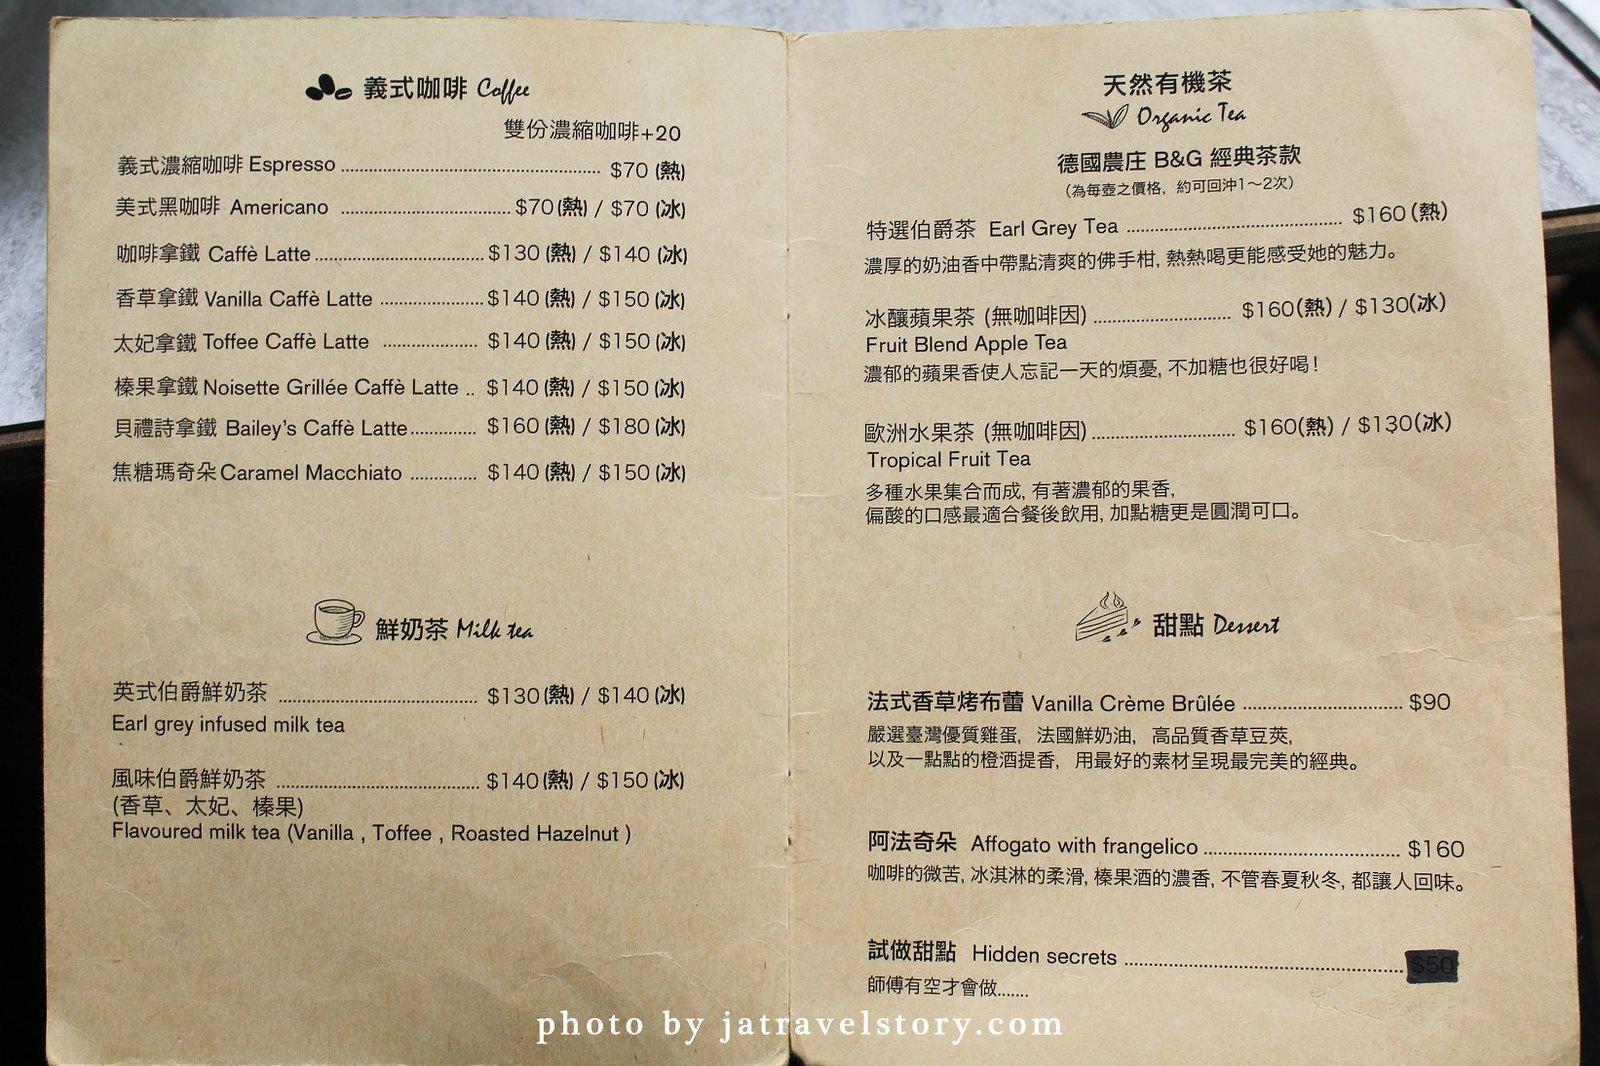 ConfitRémi 黑米Café‧Bistro 海鮮控必吃濃郁墨魚燉飯、粉紅海鮮燉飯,鮮味十足、用料實在!【捷運萬隆】 @J&A的旅行